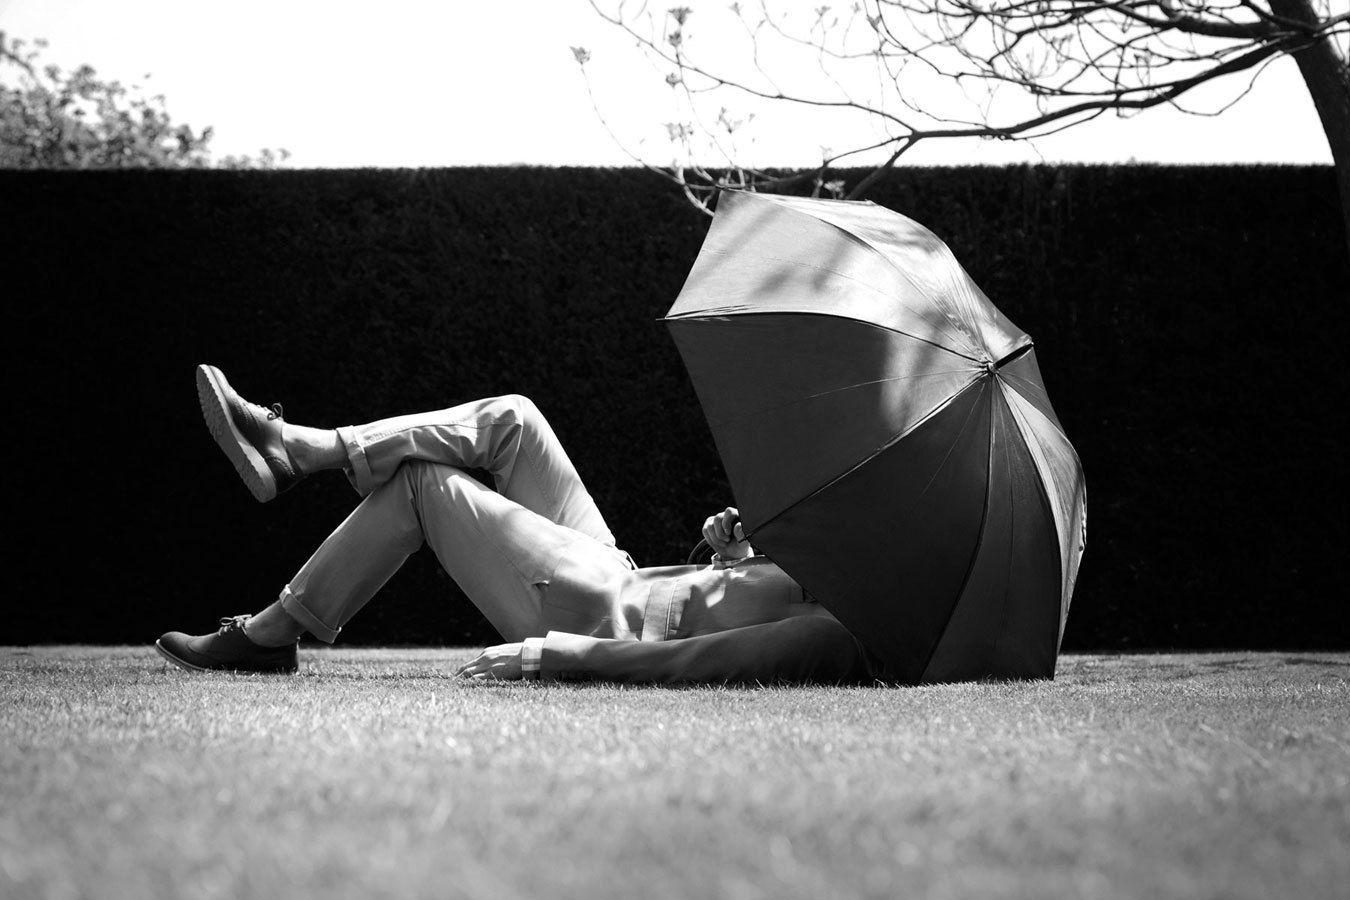 Ben Serman Aus | Photographer Sam Bisso